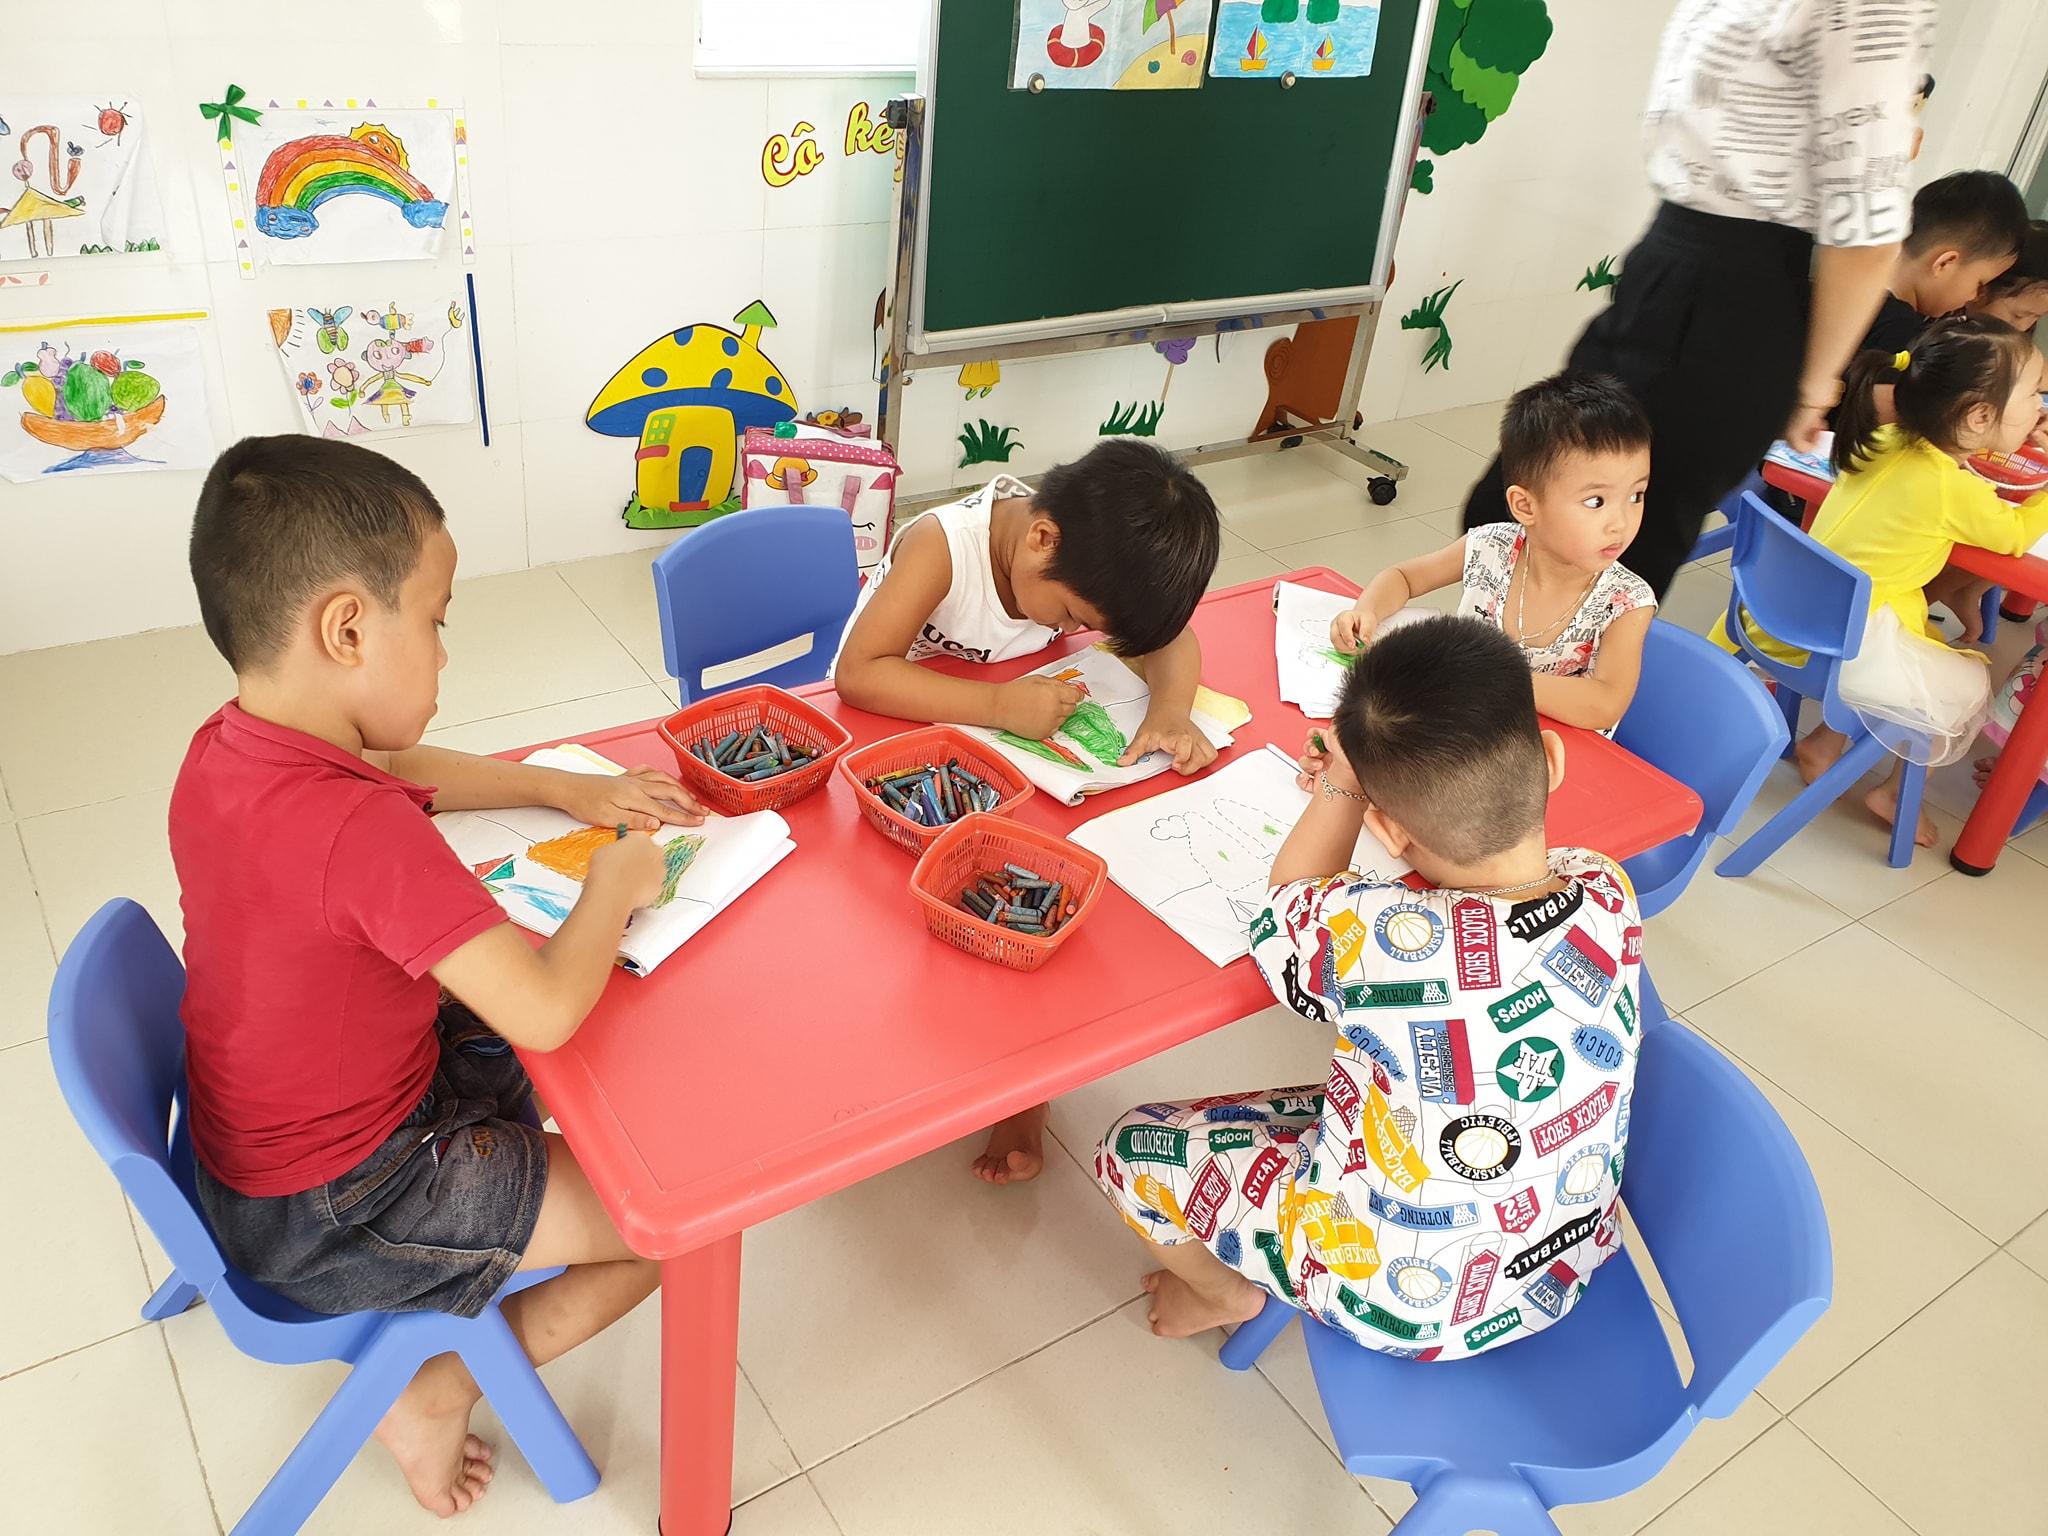 Trường mầm non Hoàng Ngọc - Trần Cao Vân